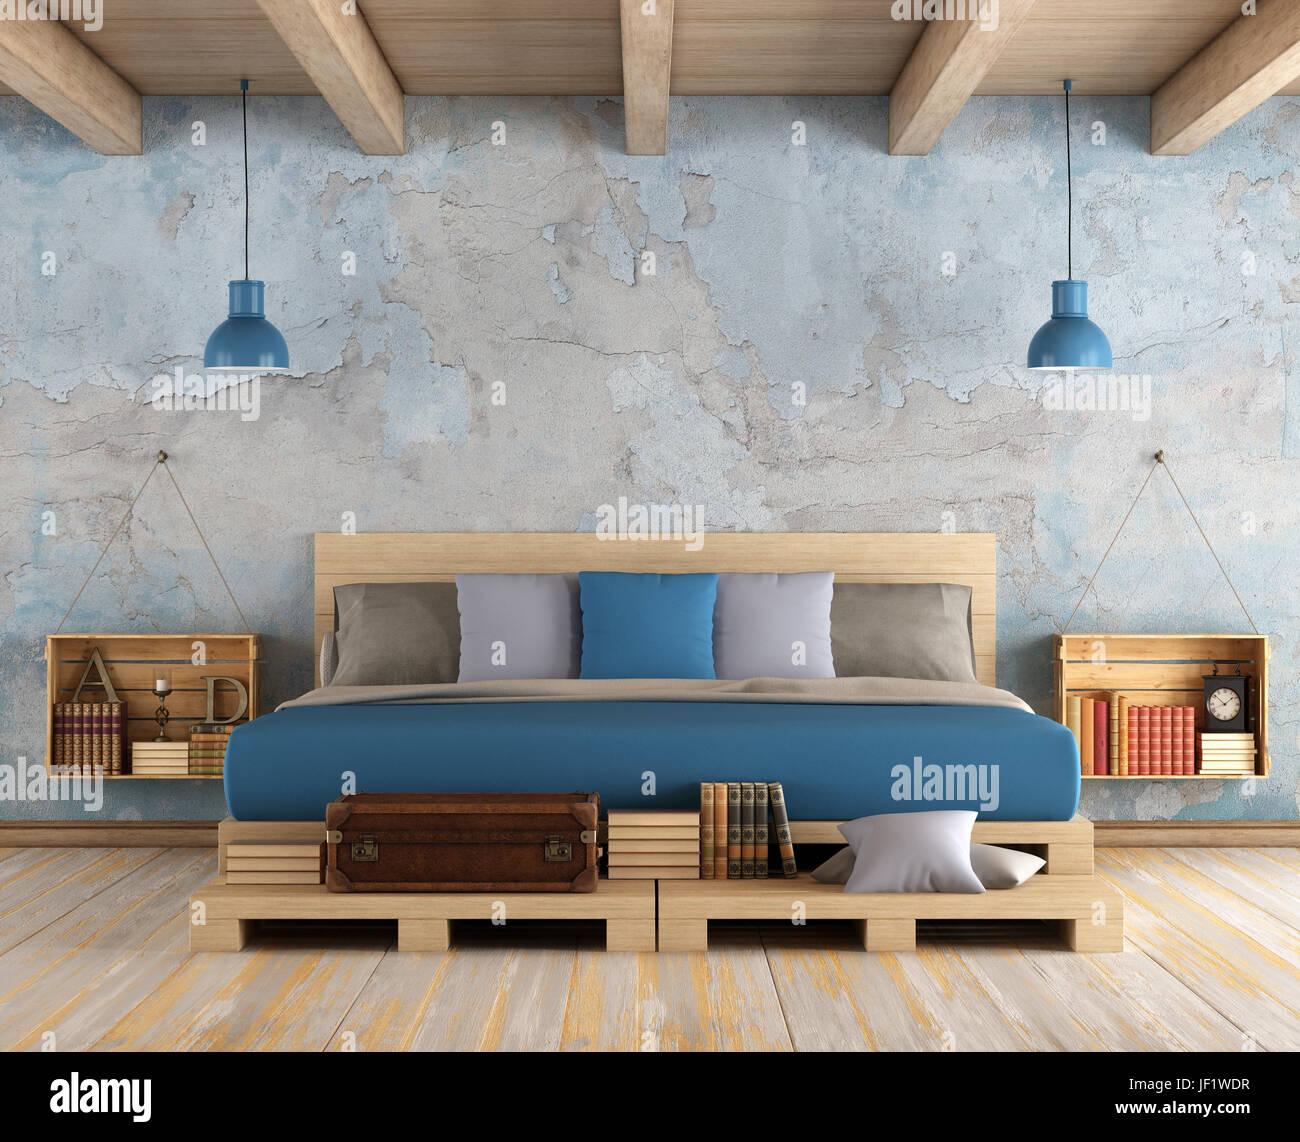 hauptschlafzimmer mit doppelbett paletten, alte wand- und holzdecke